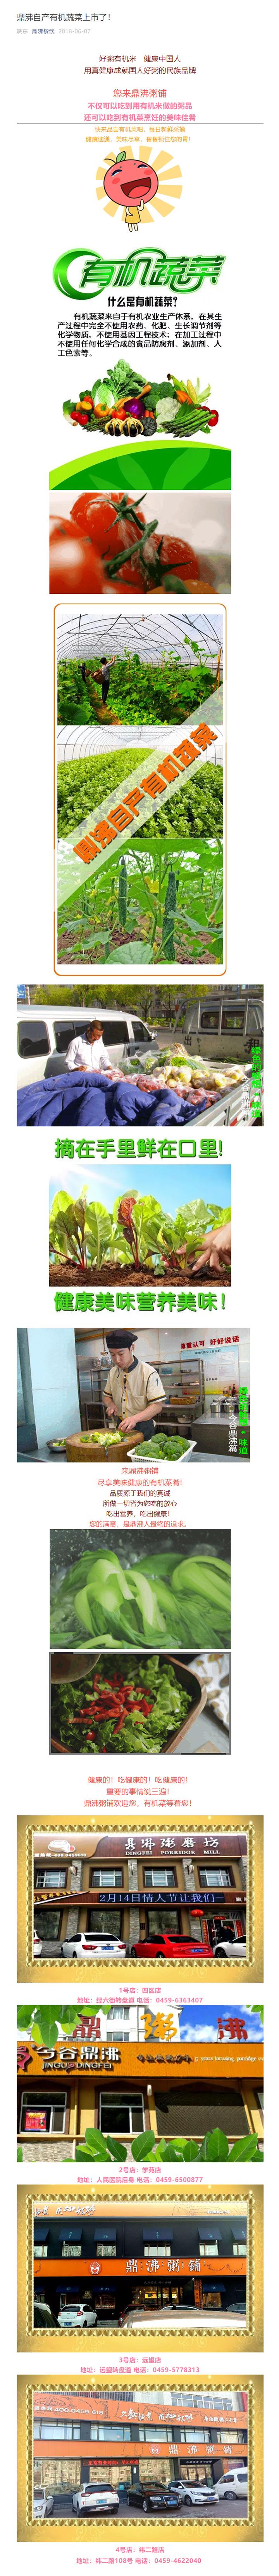 鼎沸自产有机蔬菜上市了!.jpg